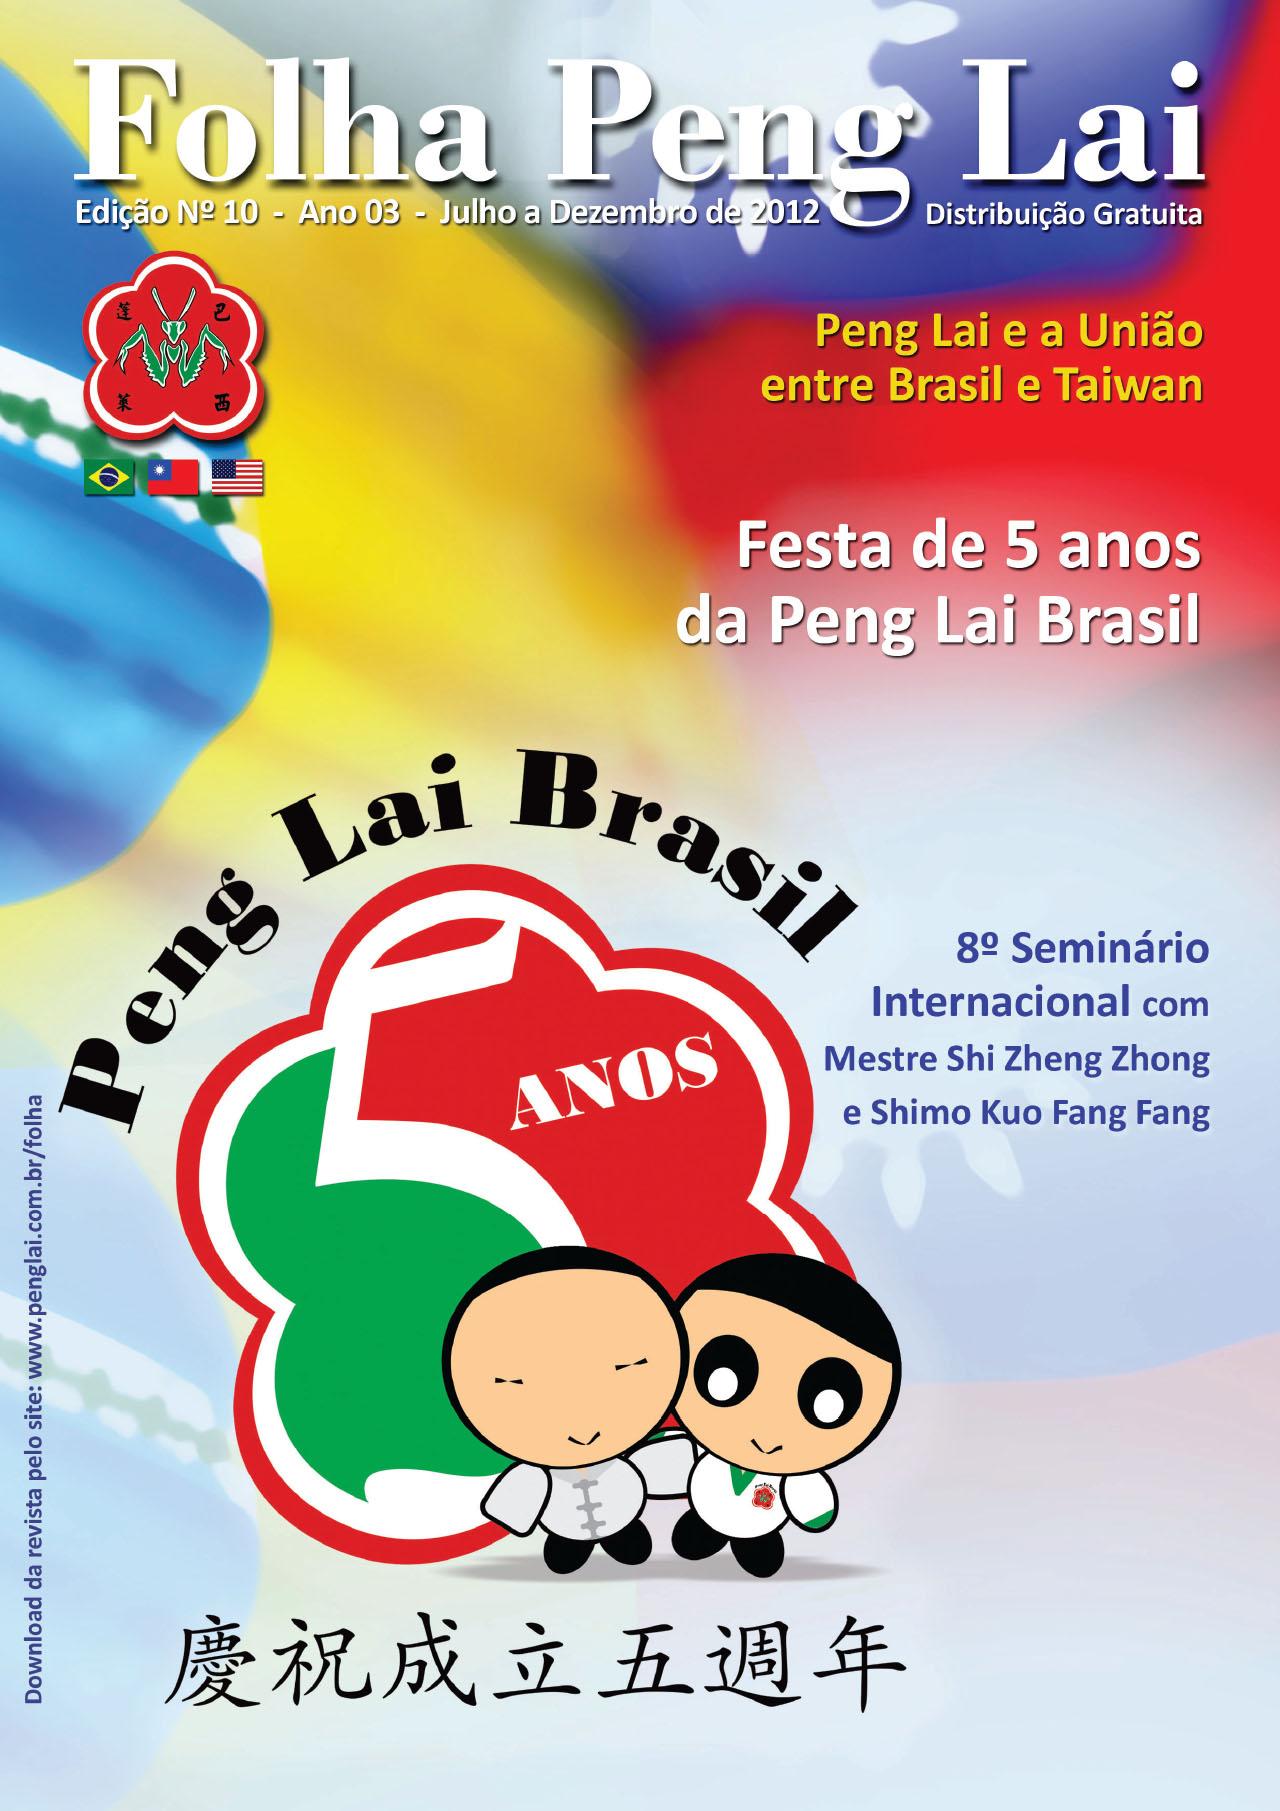 Folha Peng Lai - Edição 10